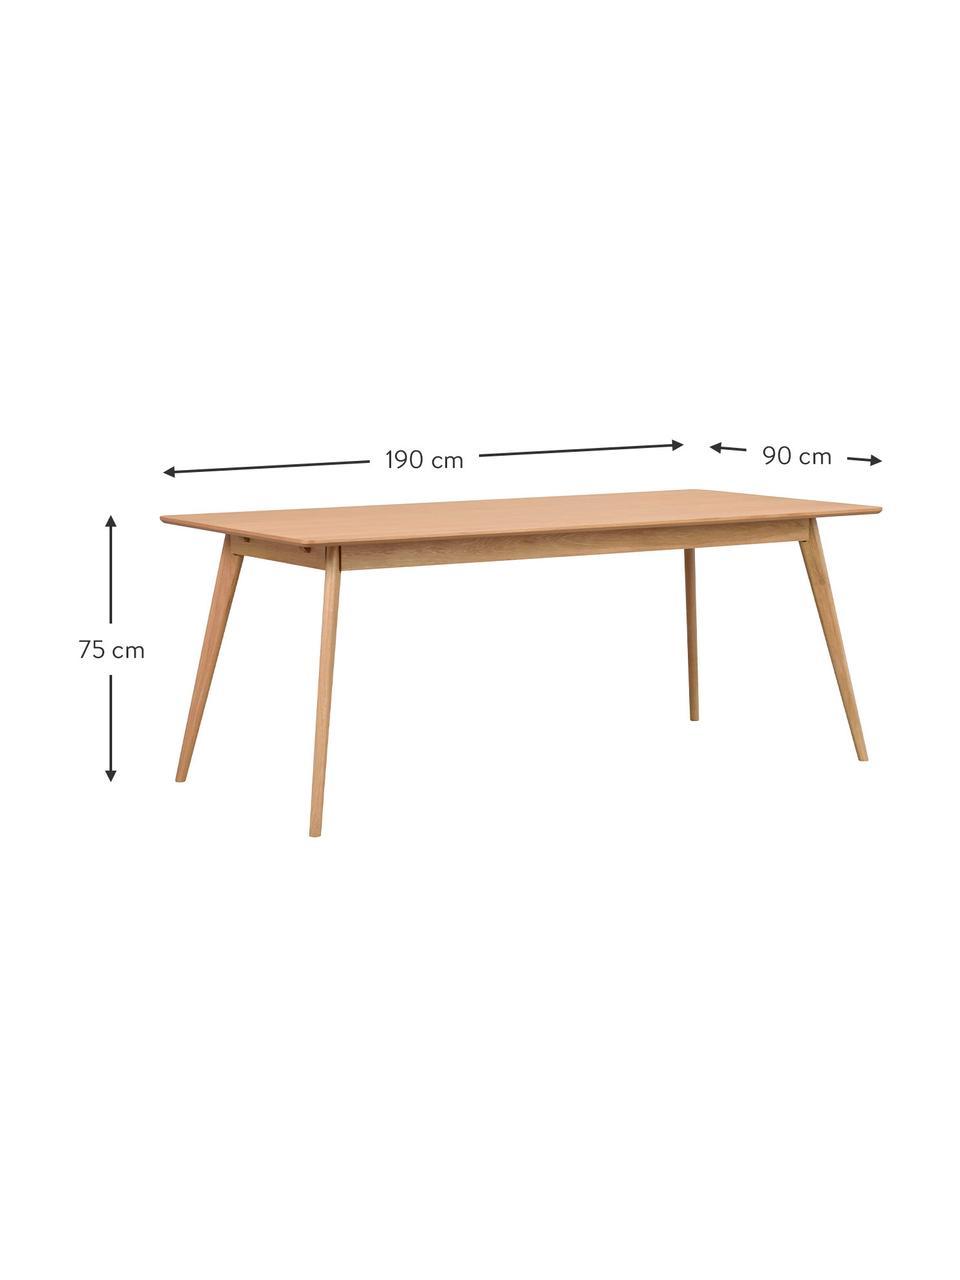 Esstisch Yumi, 190 x 90 cm, Tischplatte: Mitteldichte Holzfaserpla, Beine: Gummibaumholz, massiv, ge, Eichenholz, B 190 x T 90 cm